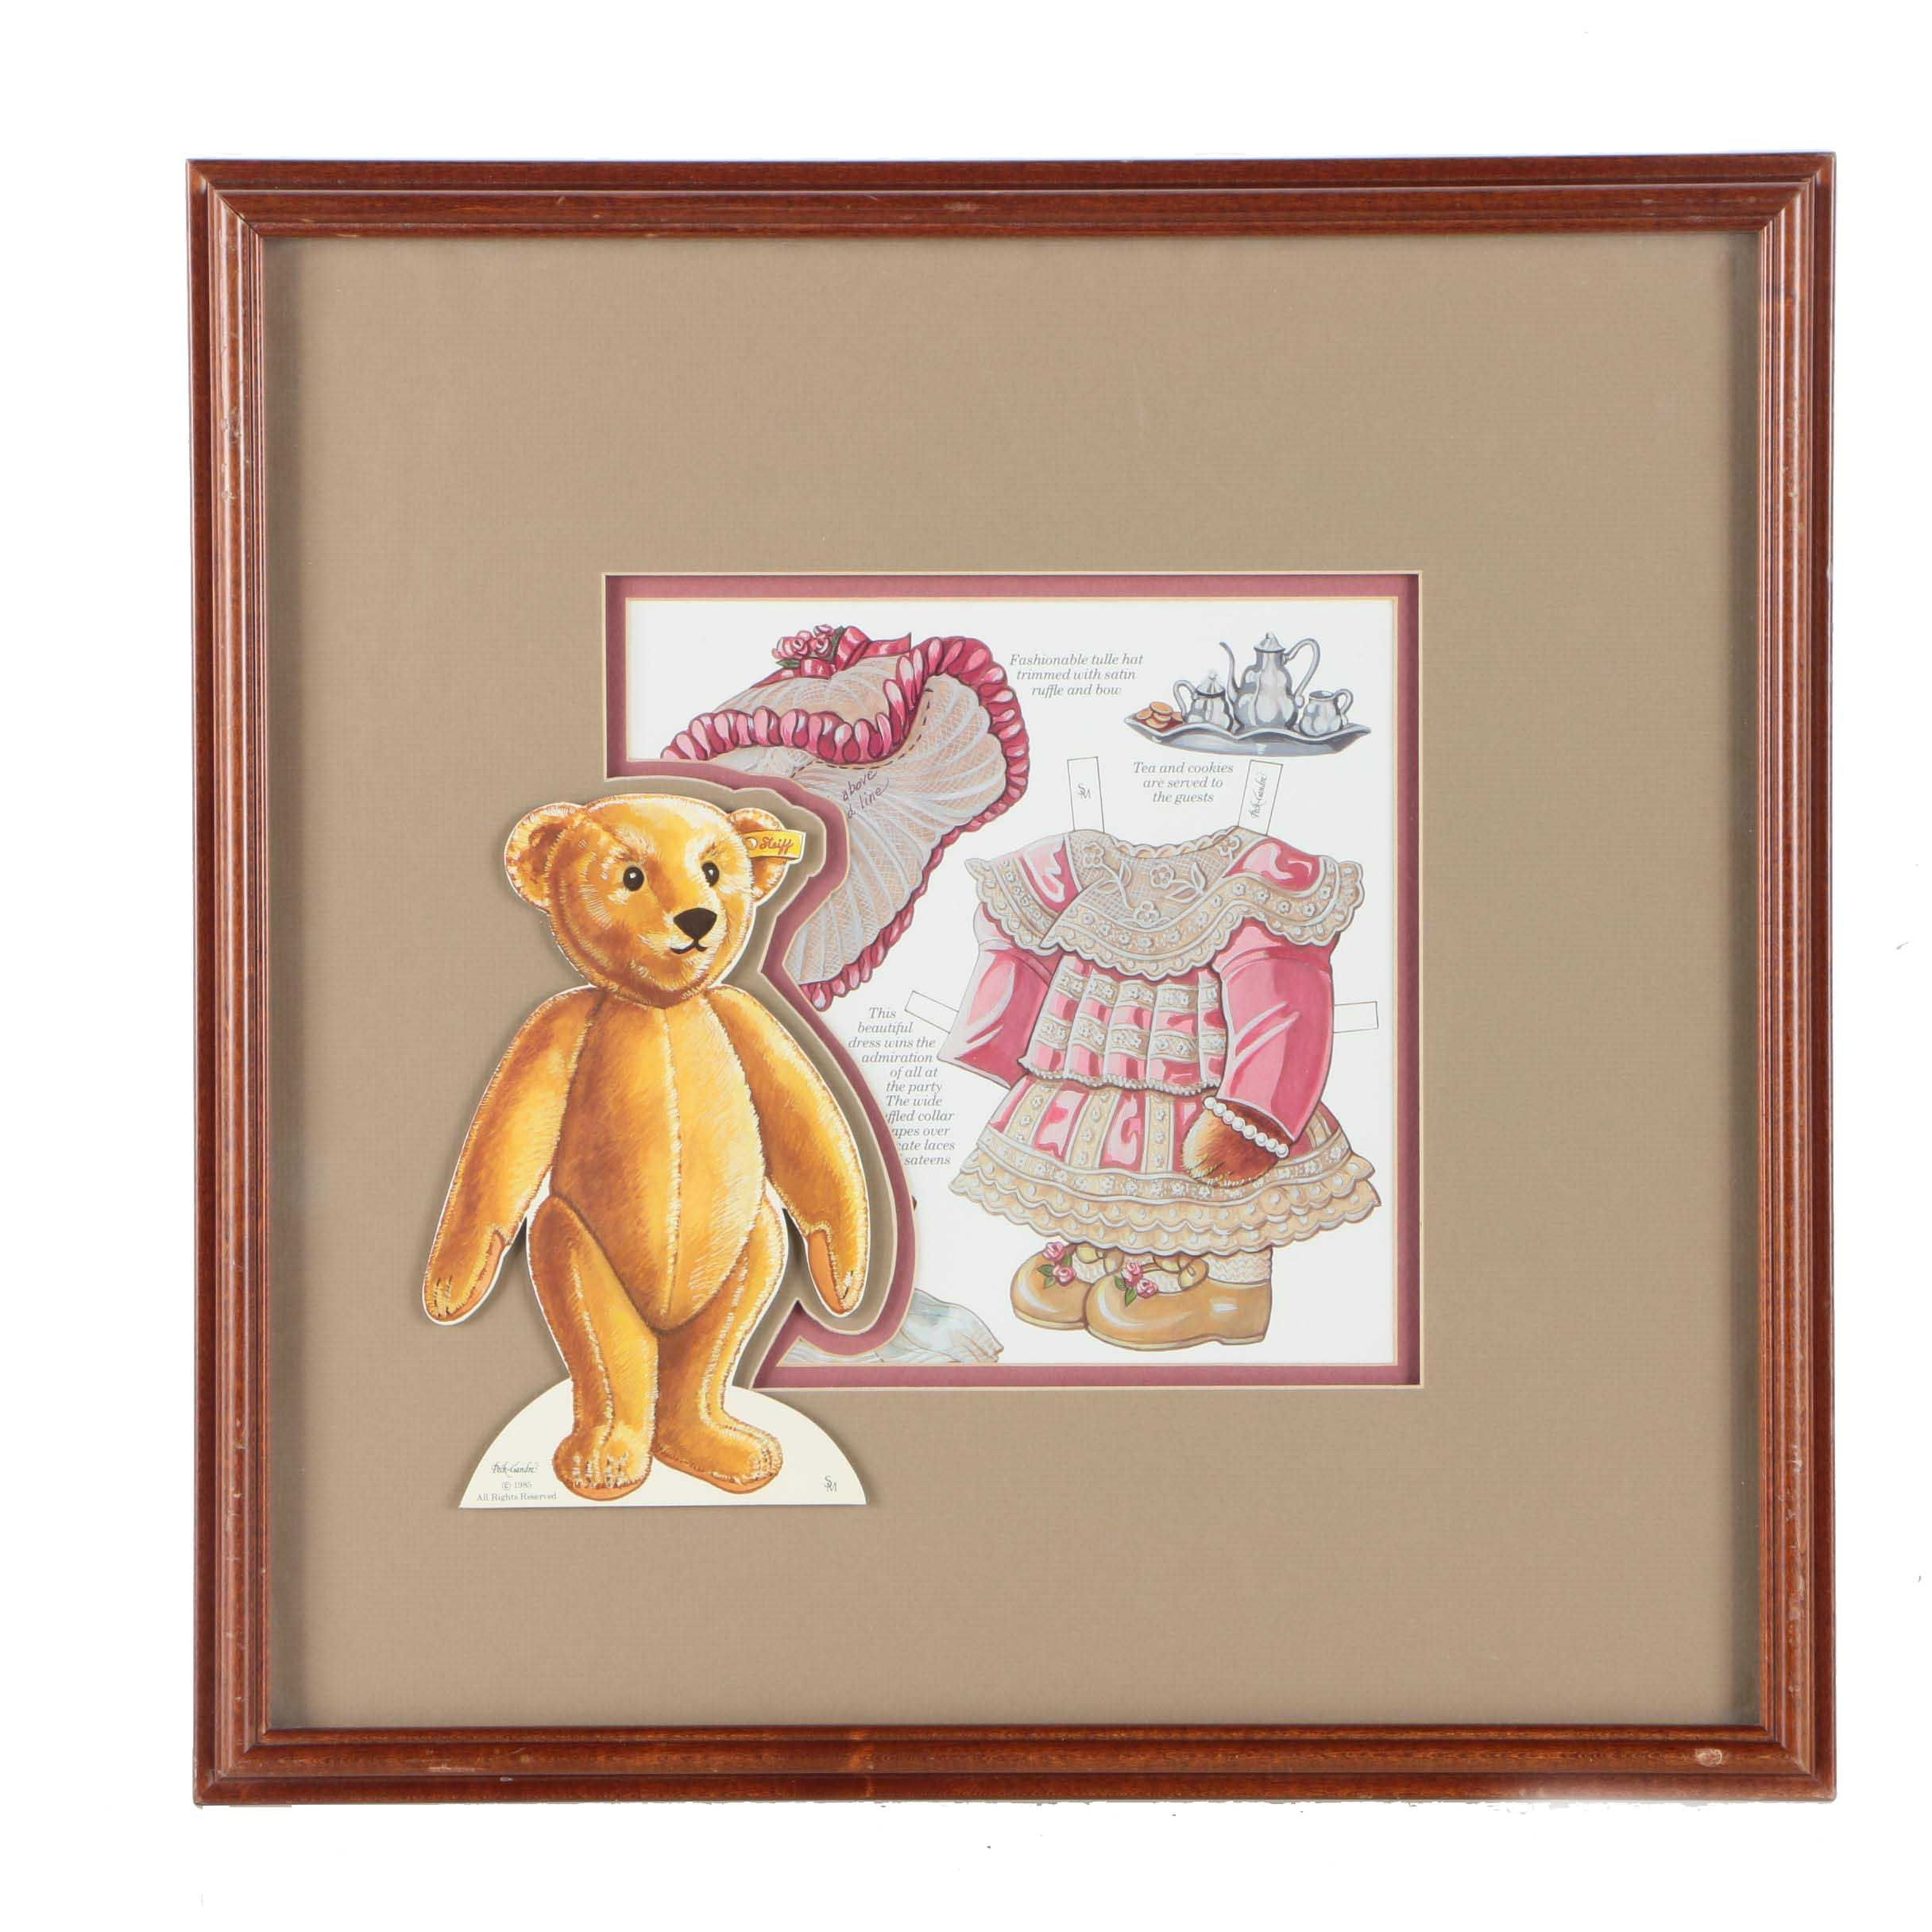 Steiff Bear Paper Doll Offset Lithograph